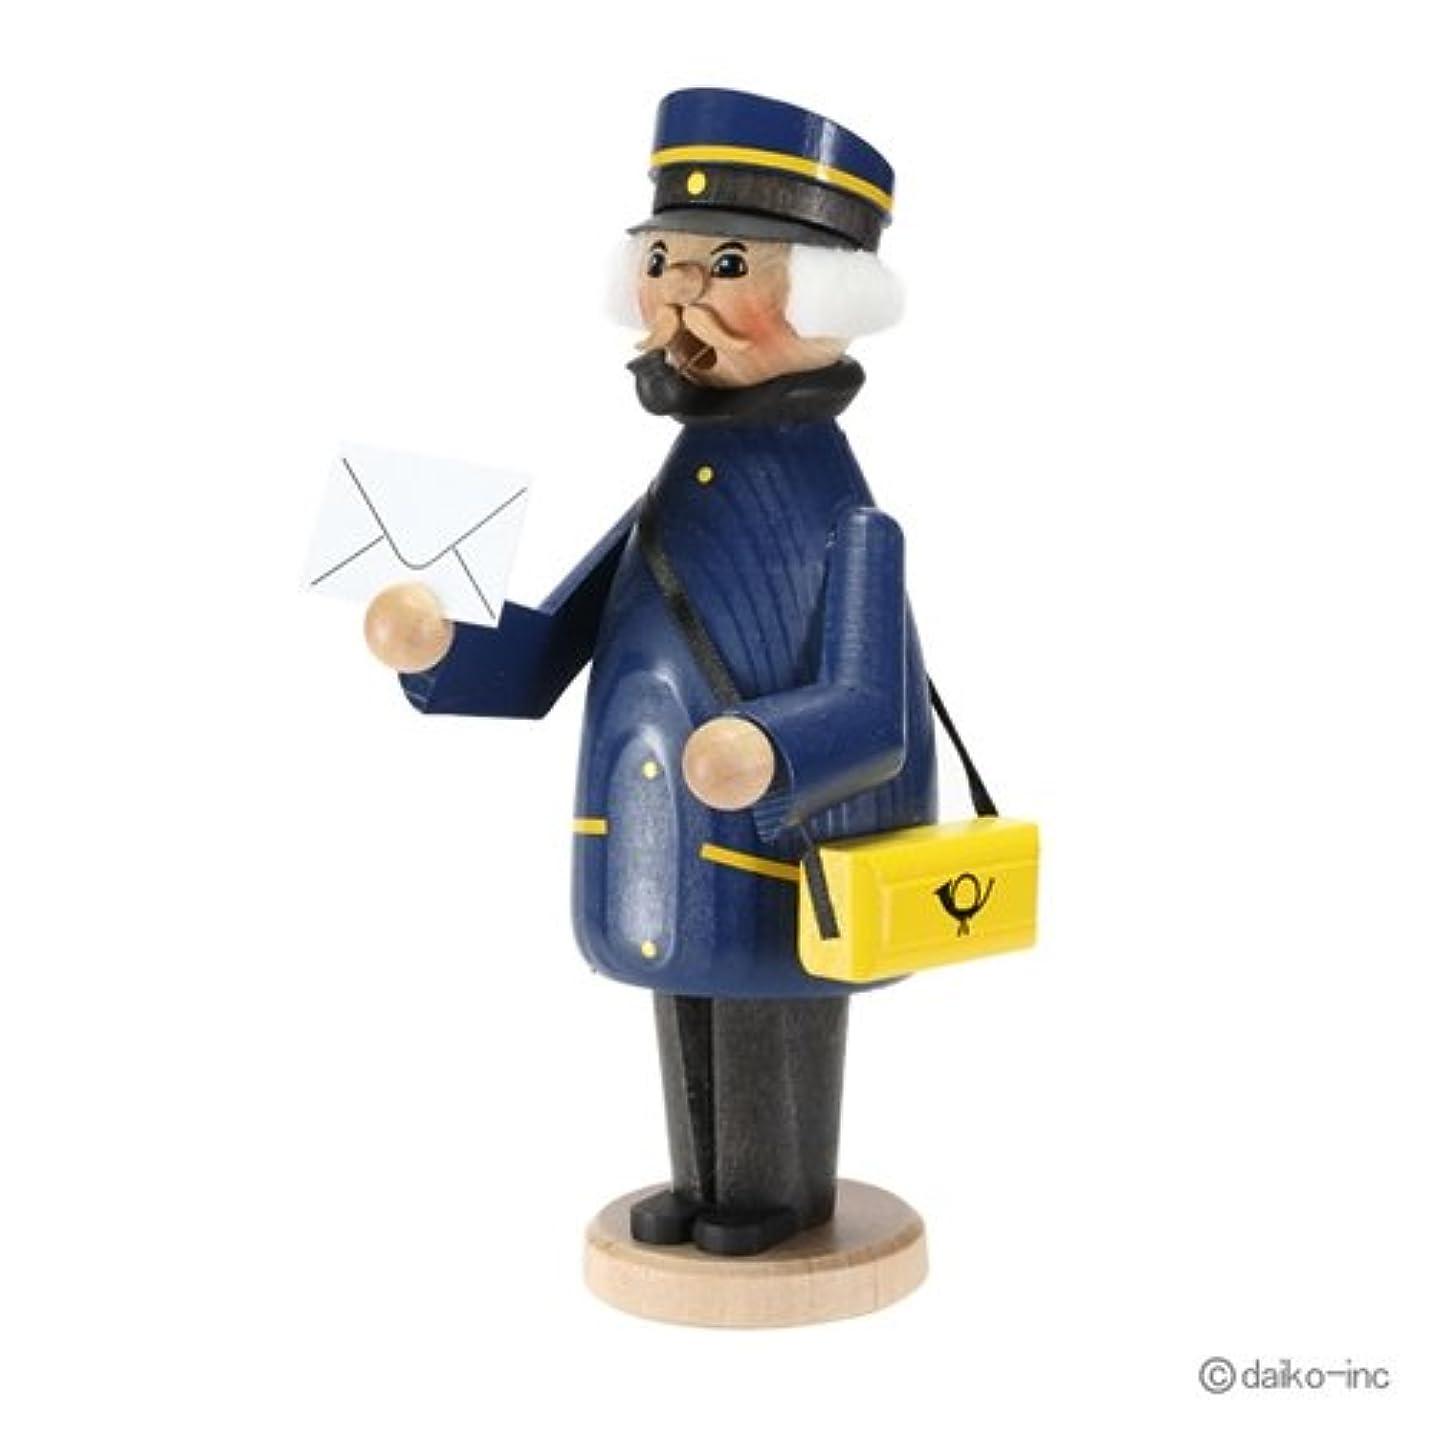 故意のノミネート十代クーネルト kuhnert ミニパイプ人形香炉 郵便配達員